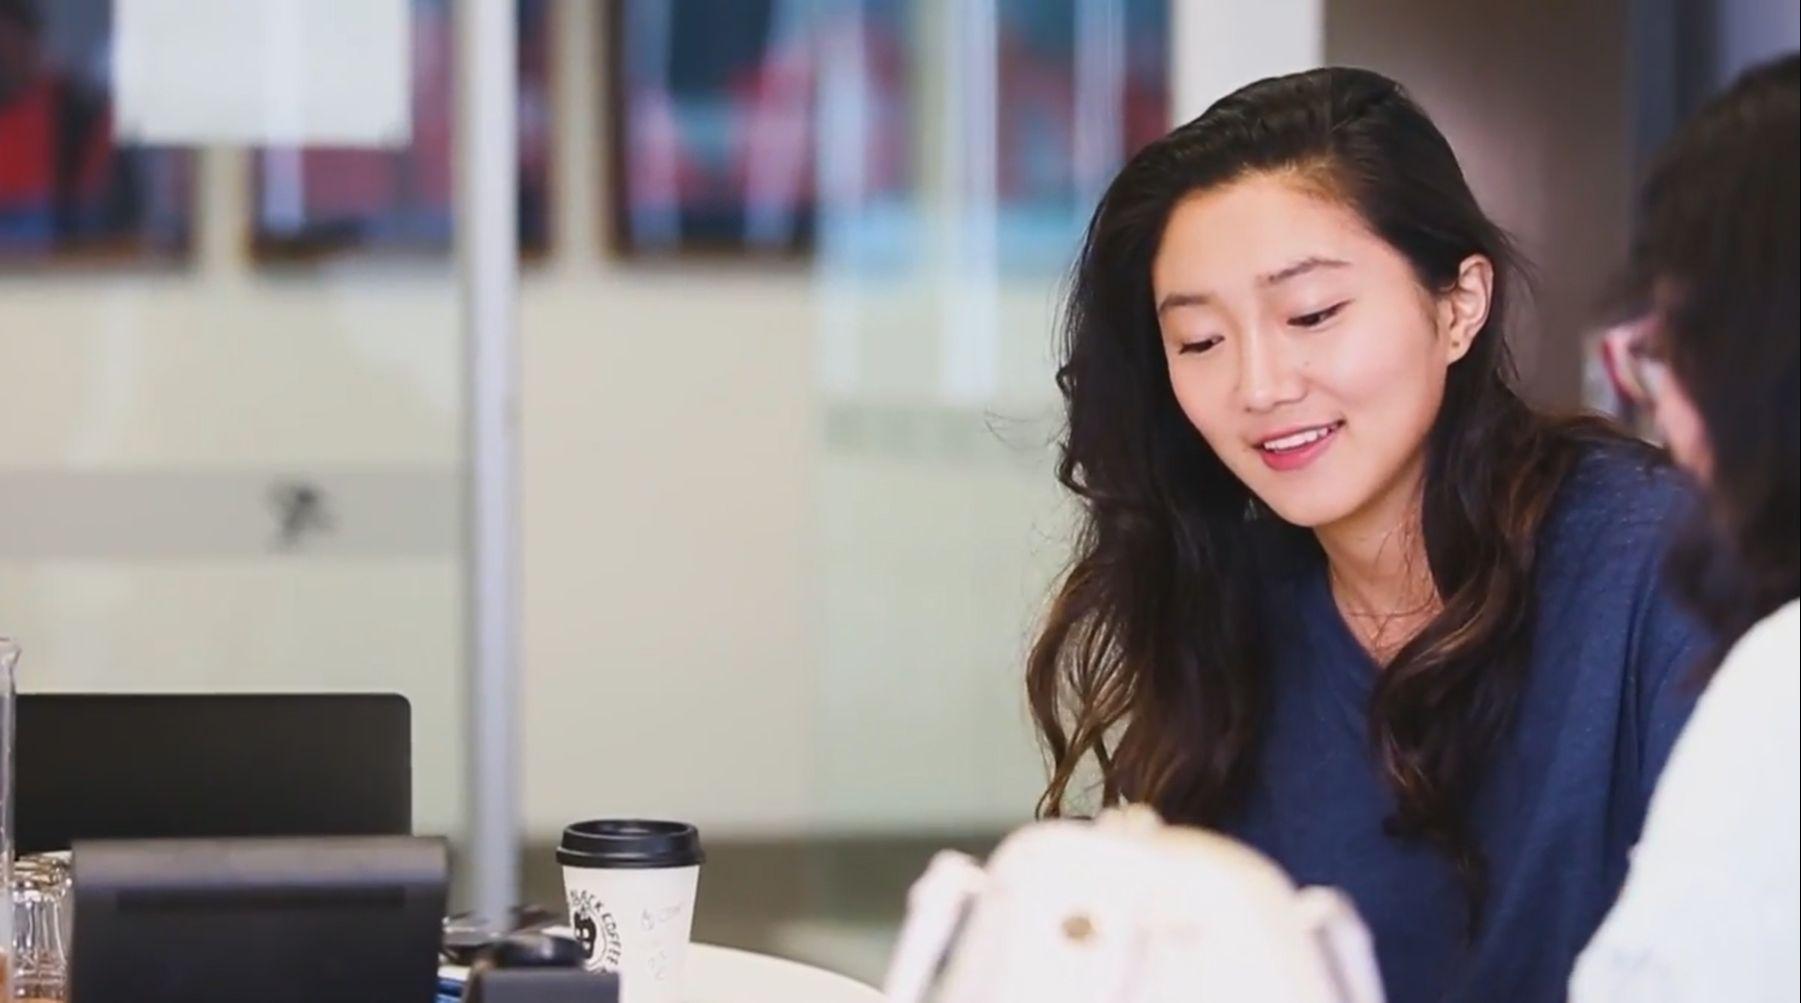 商学院学生分享|如何在毕业前为心仪的offer做好万全准备